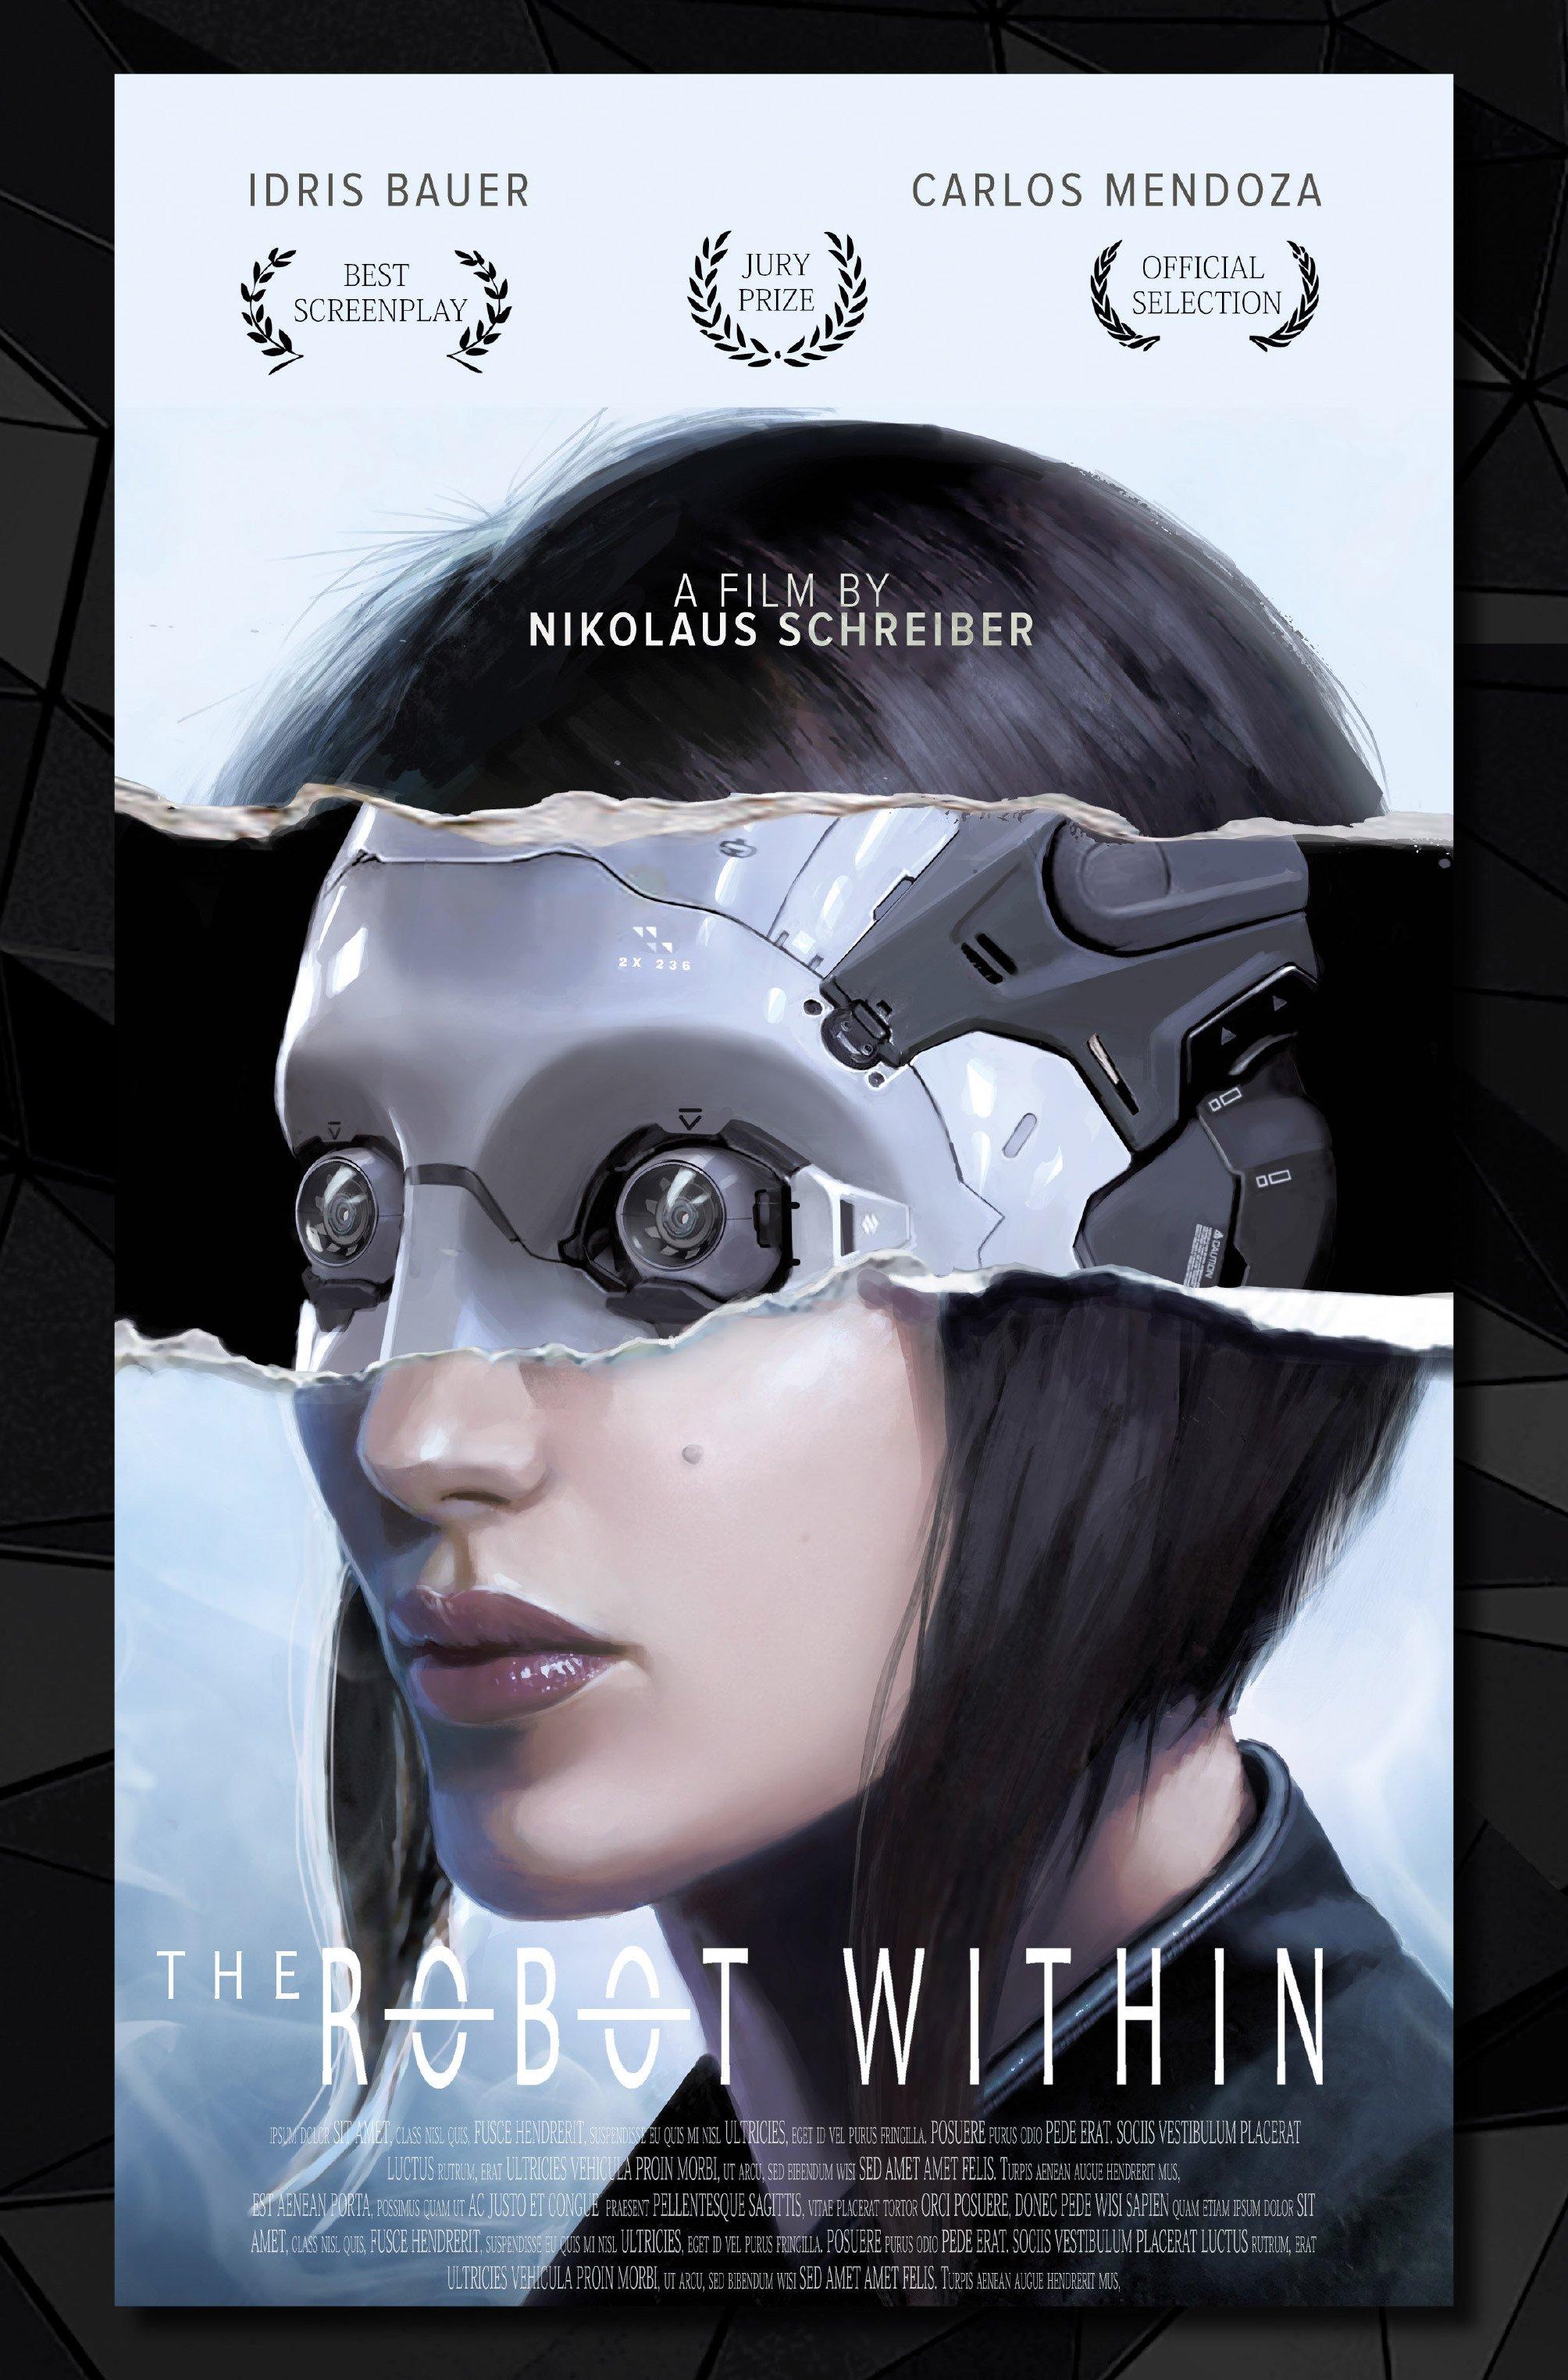 Агитплакаты Deus Ex, которые можно найти в комикс-серии Deus Ex Universe - Children's Crusade. - Изображение 6